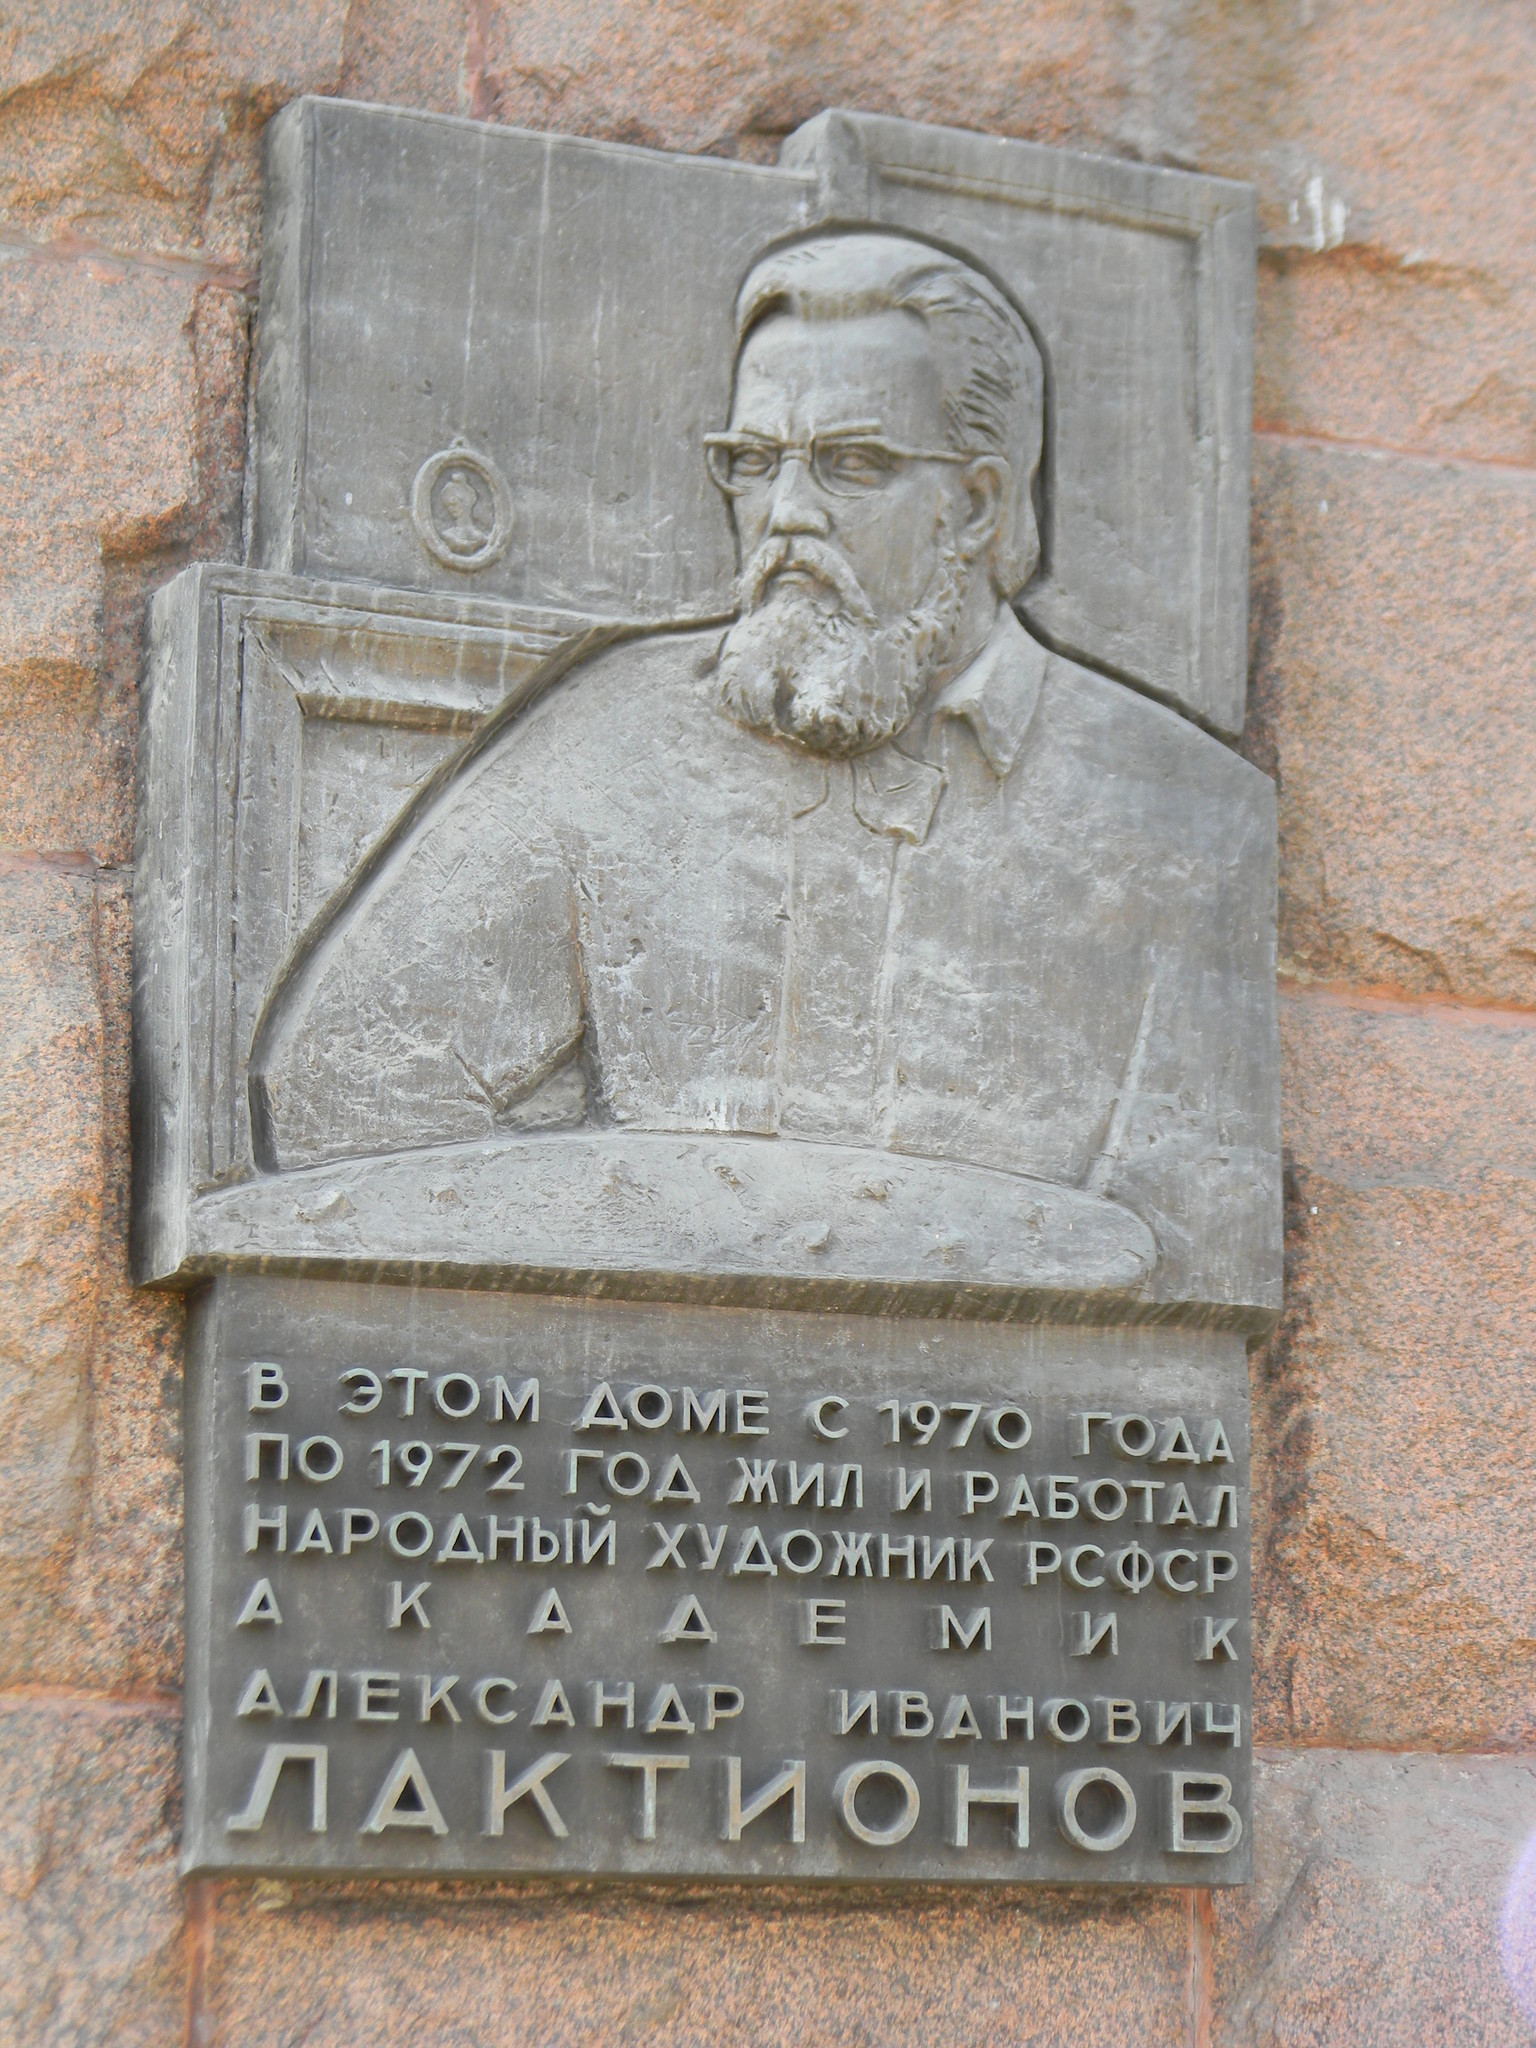 Мемориальная доска на доме, где с 1970 года по 1972 год жил и работал Народный художник РСФСР Александр Иванович Лактионов (Тверская улица, дом 19)